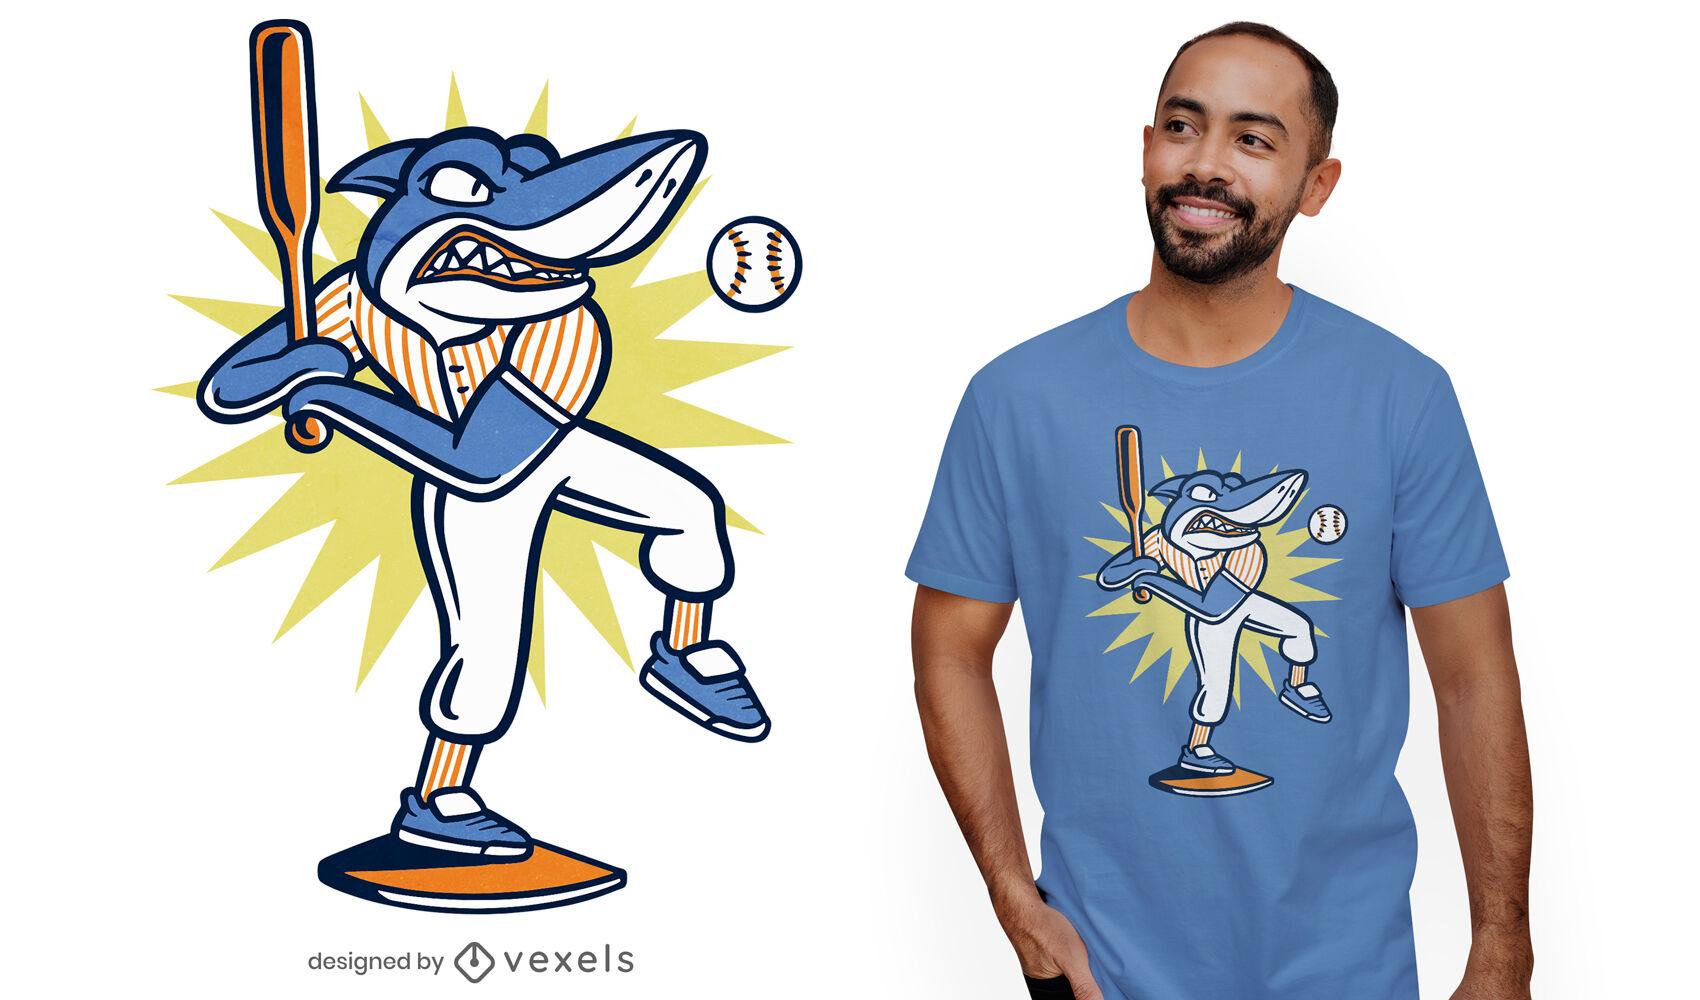 Baseball player shark t-shirt design